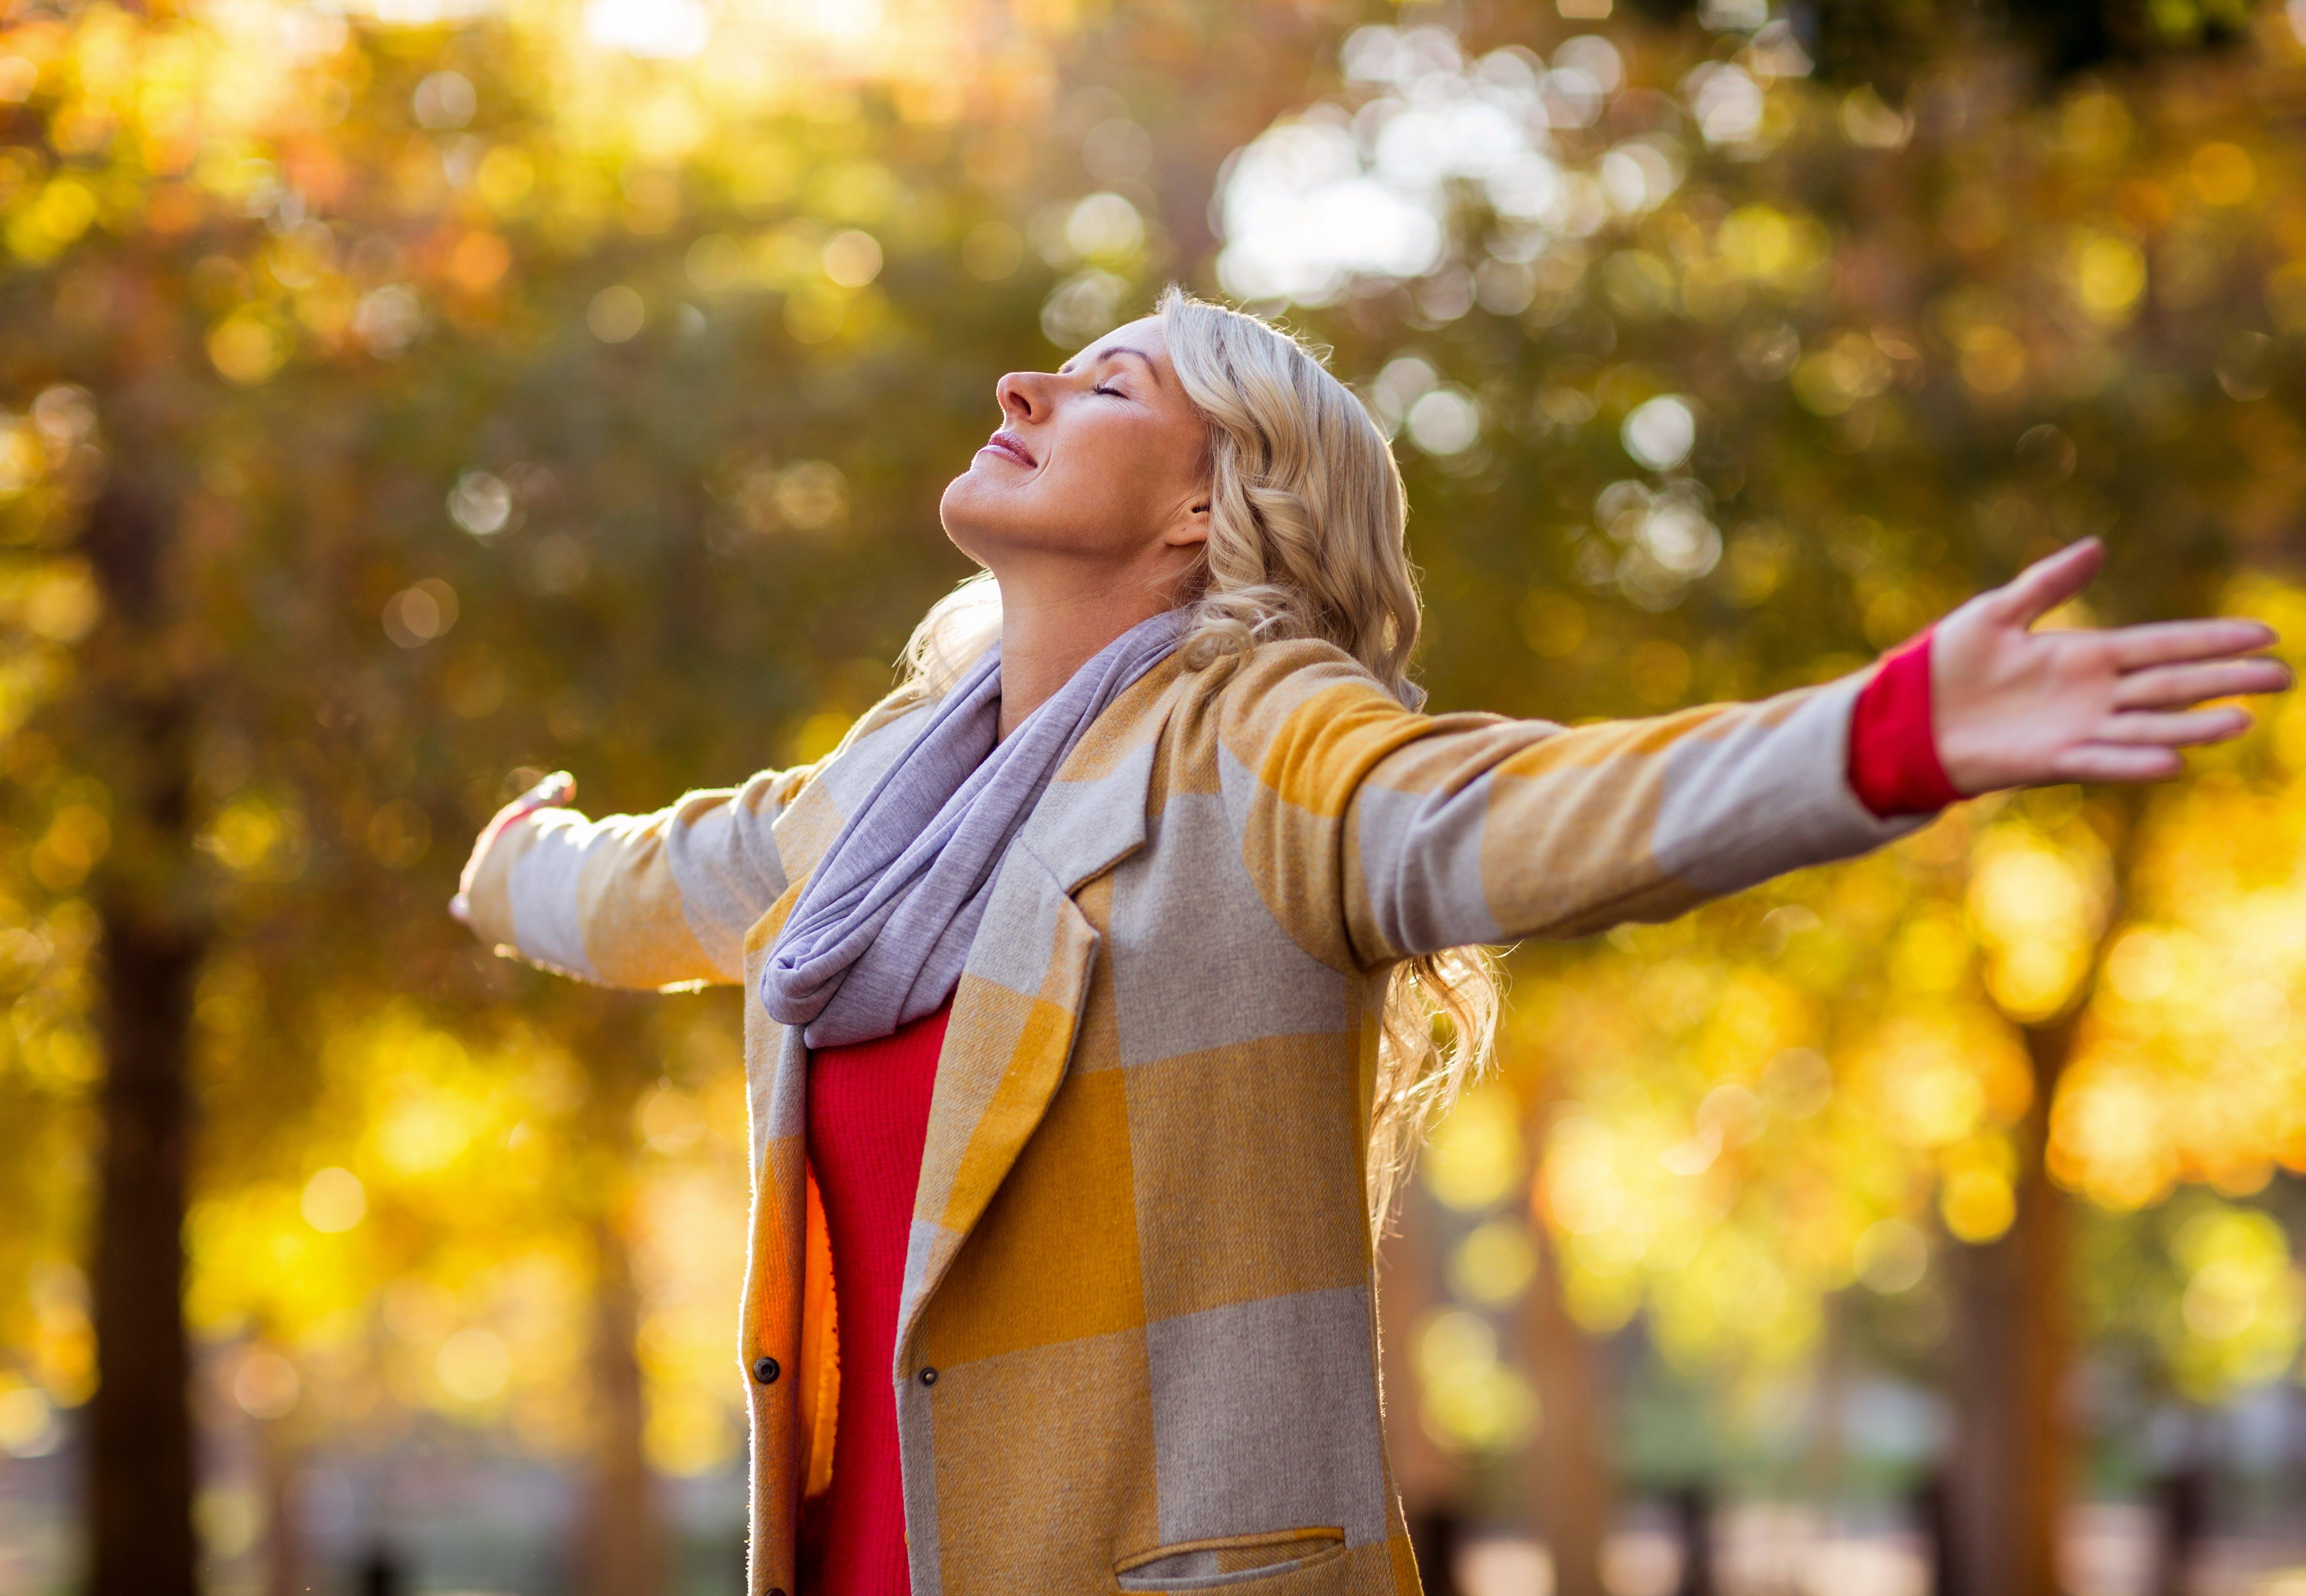 Seks symptomer på at du mangler D-vitamin | Iform.nu